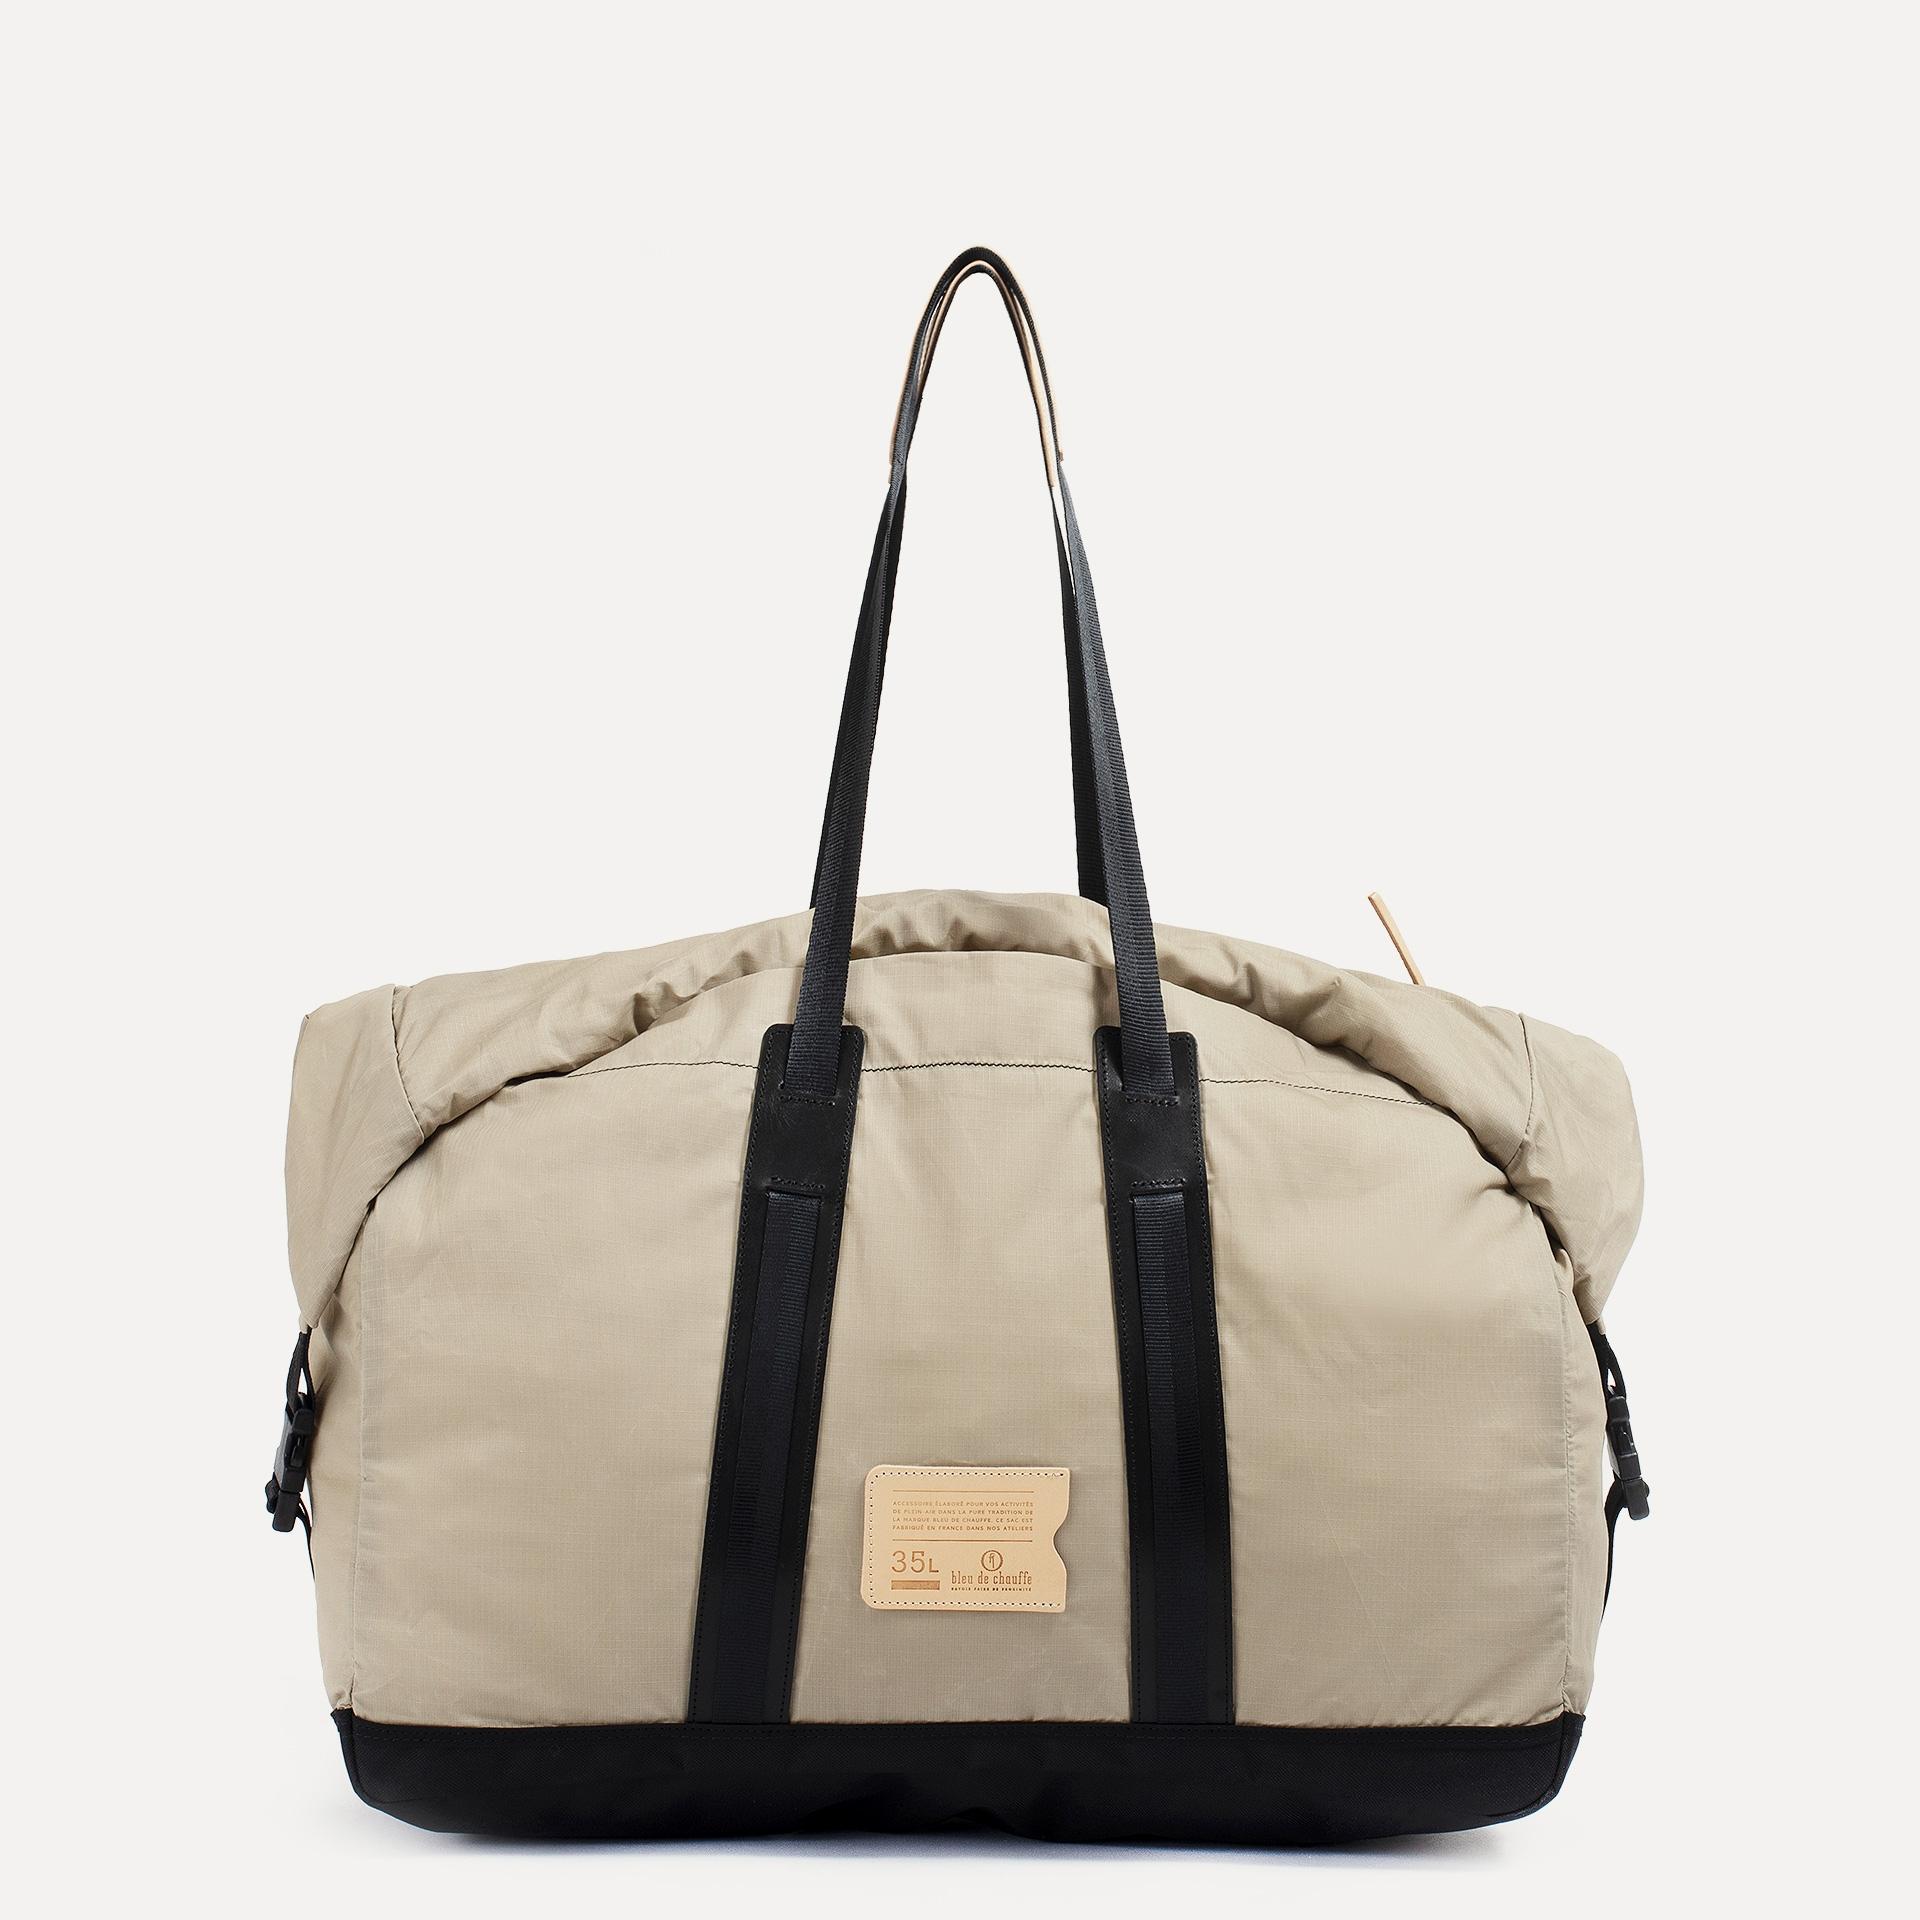 35L Baroud Travel bag - Beige (image n°1)